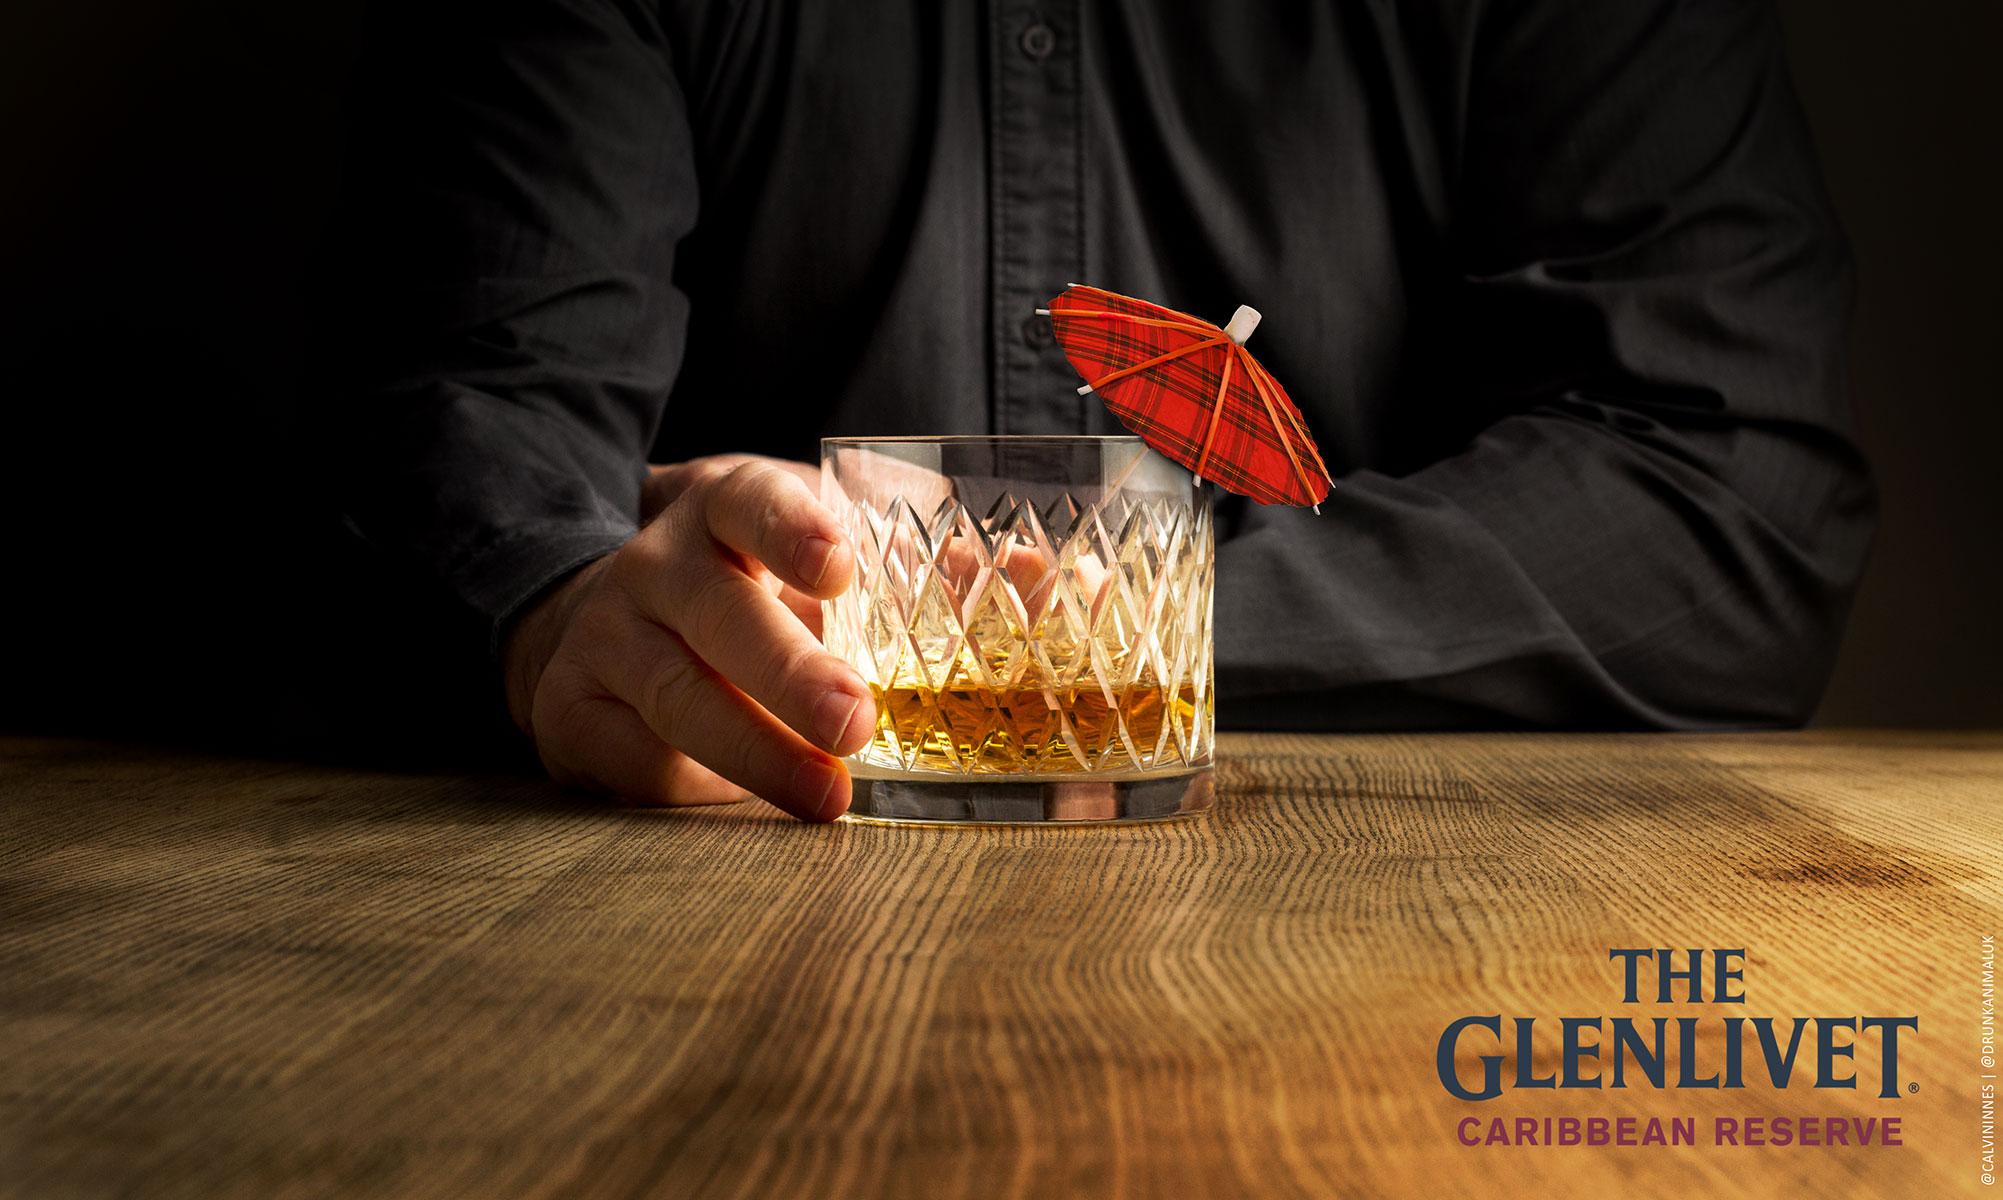 Glenlivet Caribbean cask whiskey advert